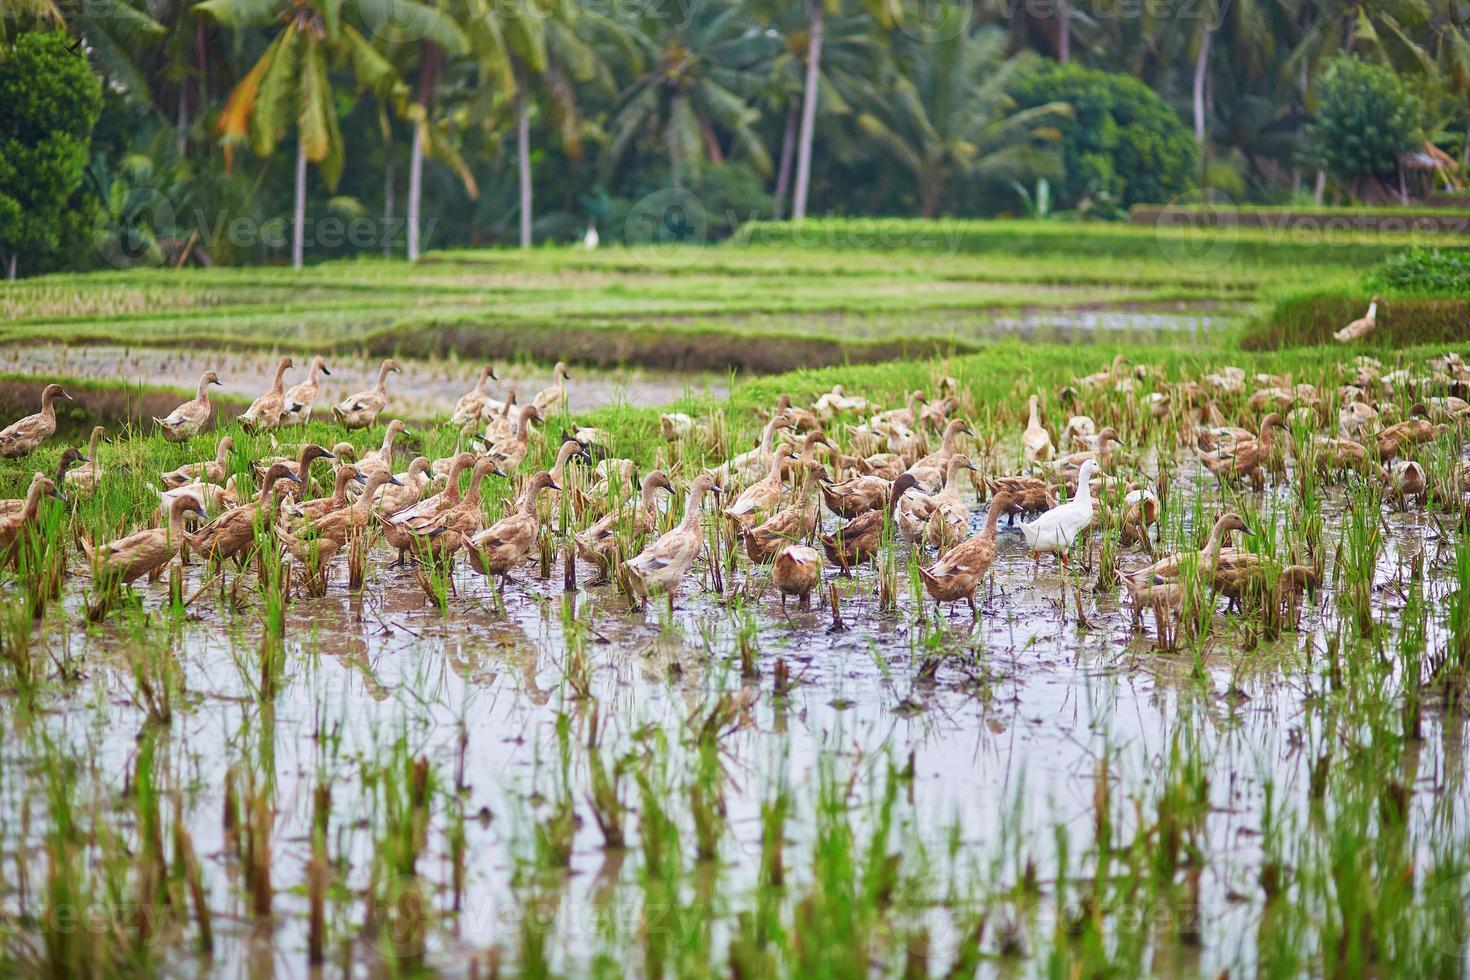 eenden op rijstvelden in de buurt van Ubud, Bali, Indonesië foto